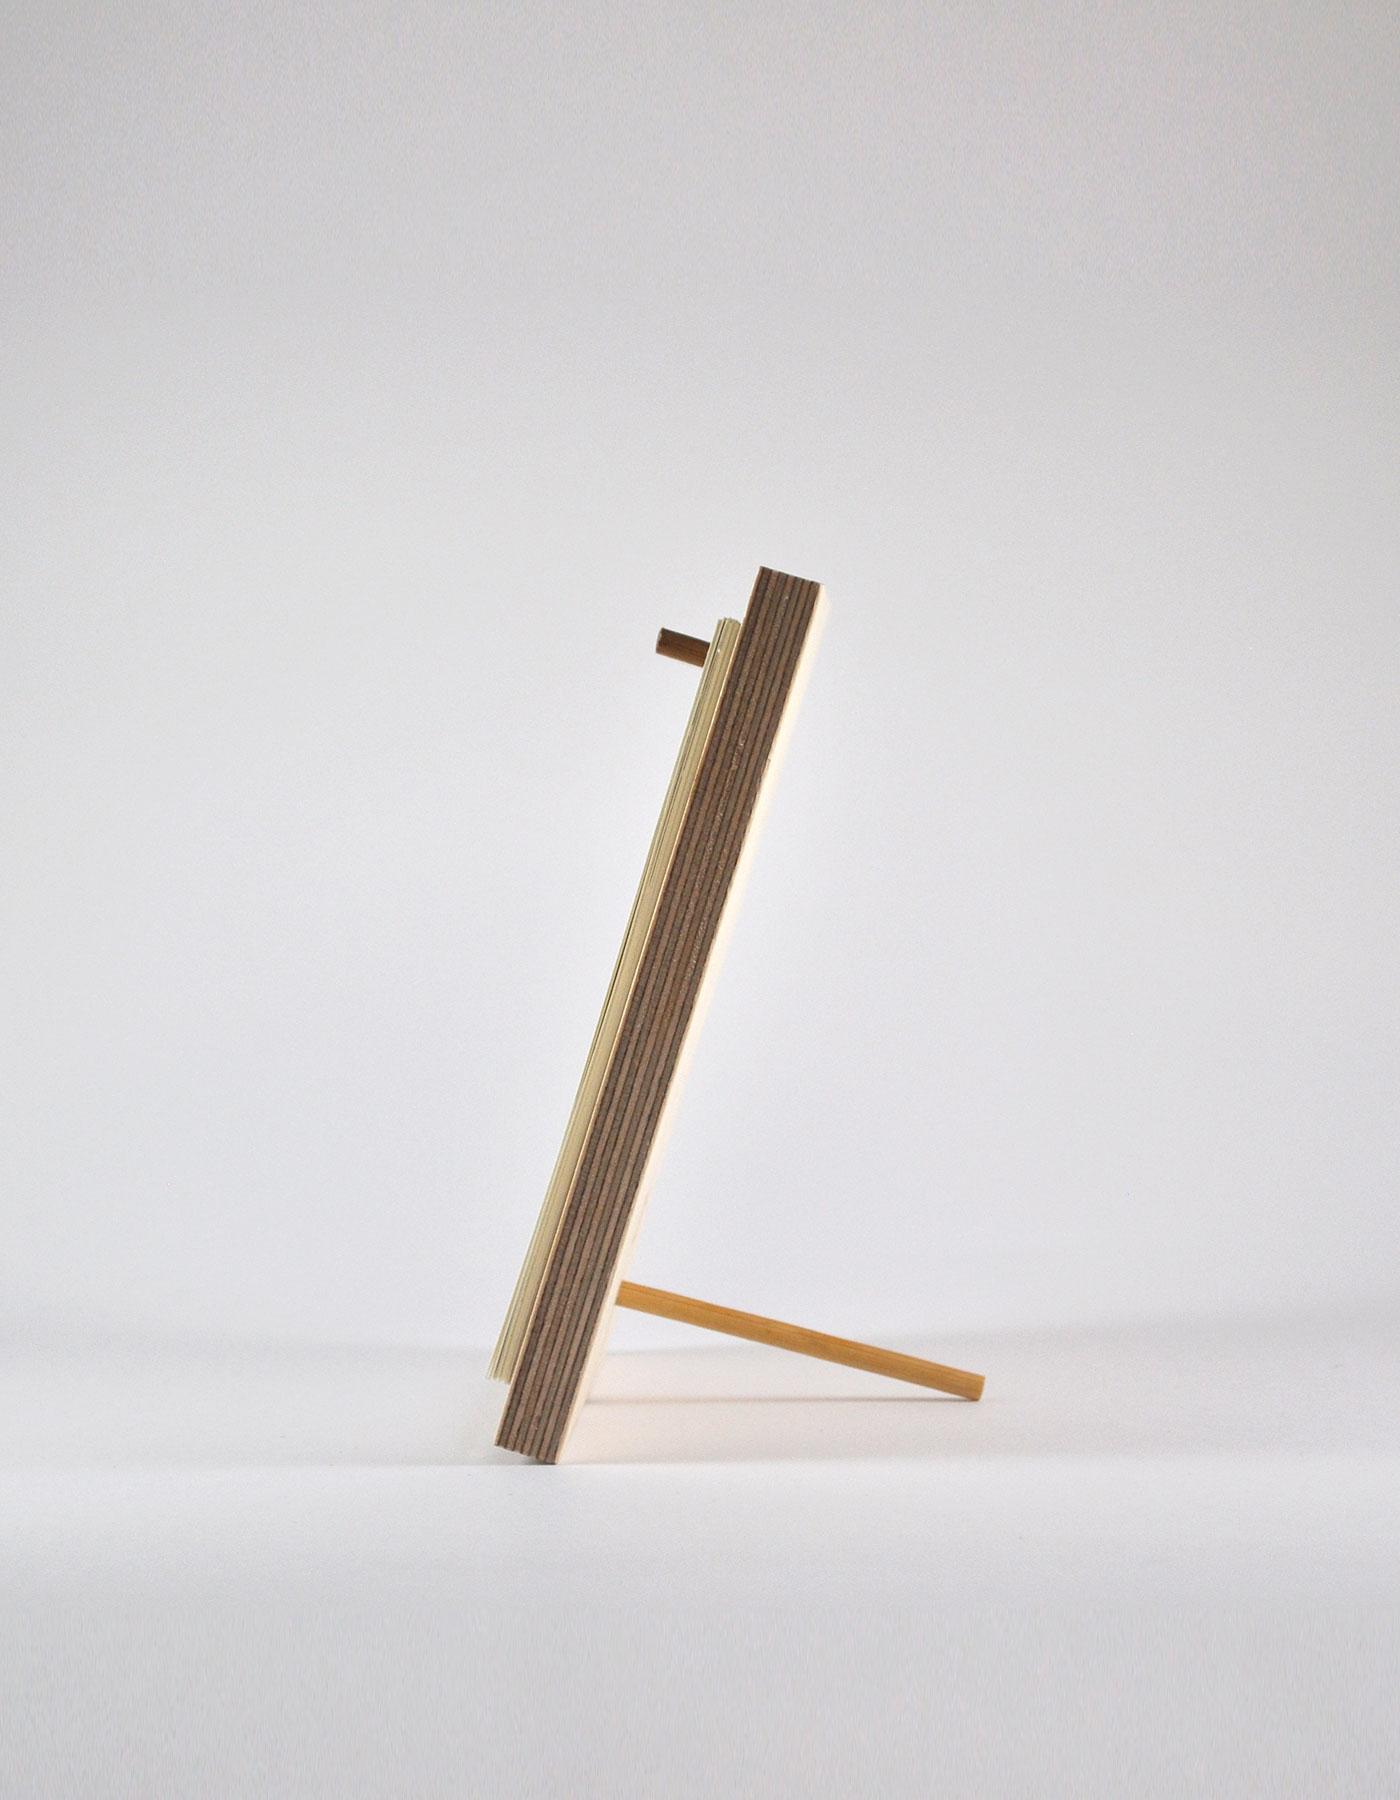 2020 Wooden Desk Calendar Amp Pencil Unsheep